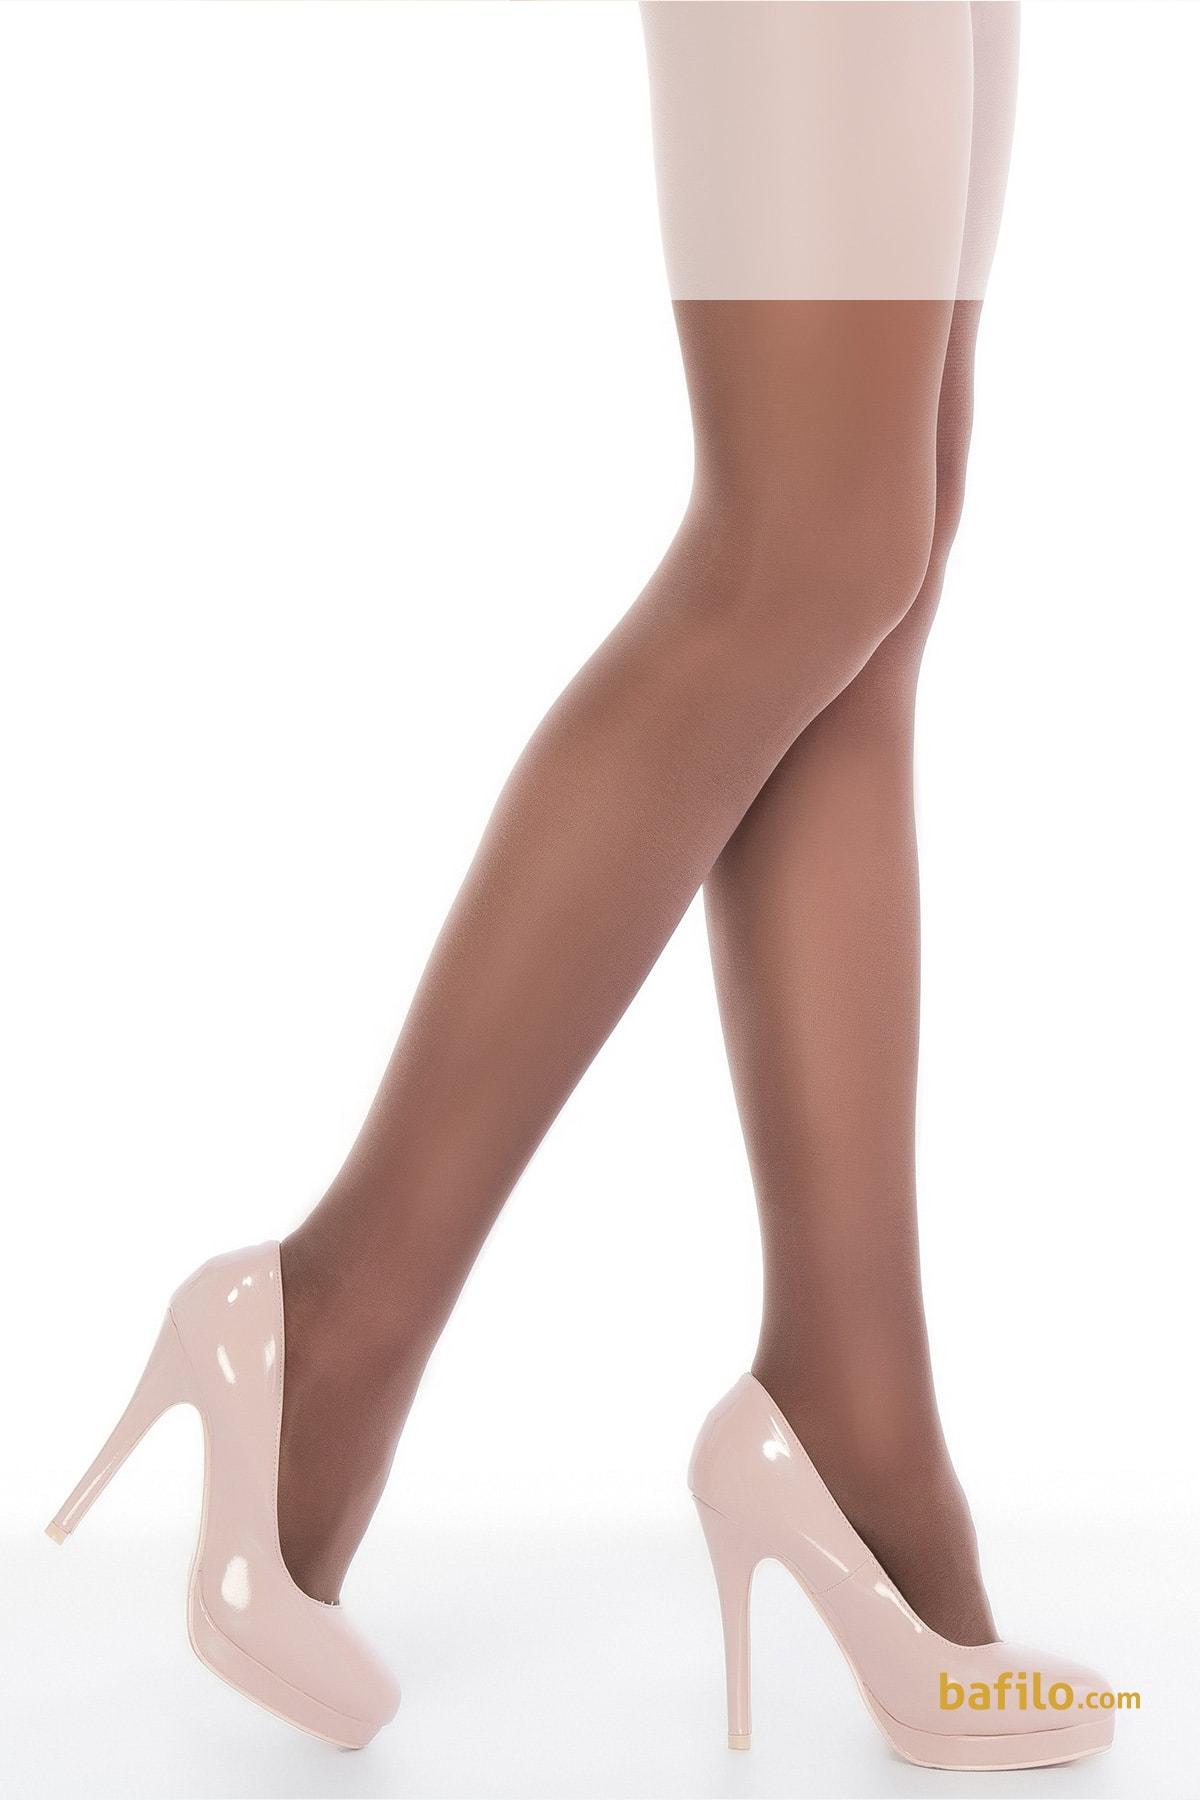 پنتی | Penti - جوراب شلواری زنانه پنتی Mikro 70 قهوه ای